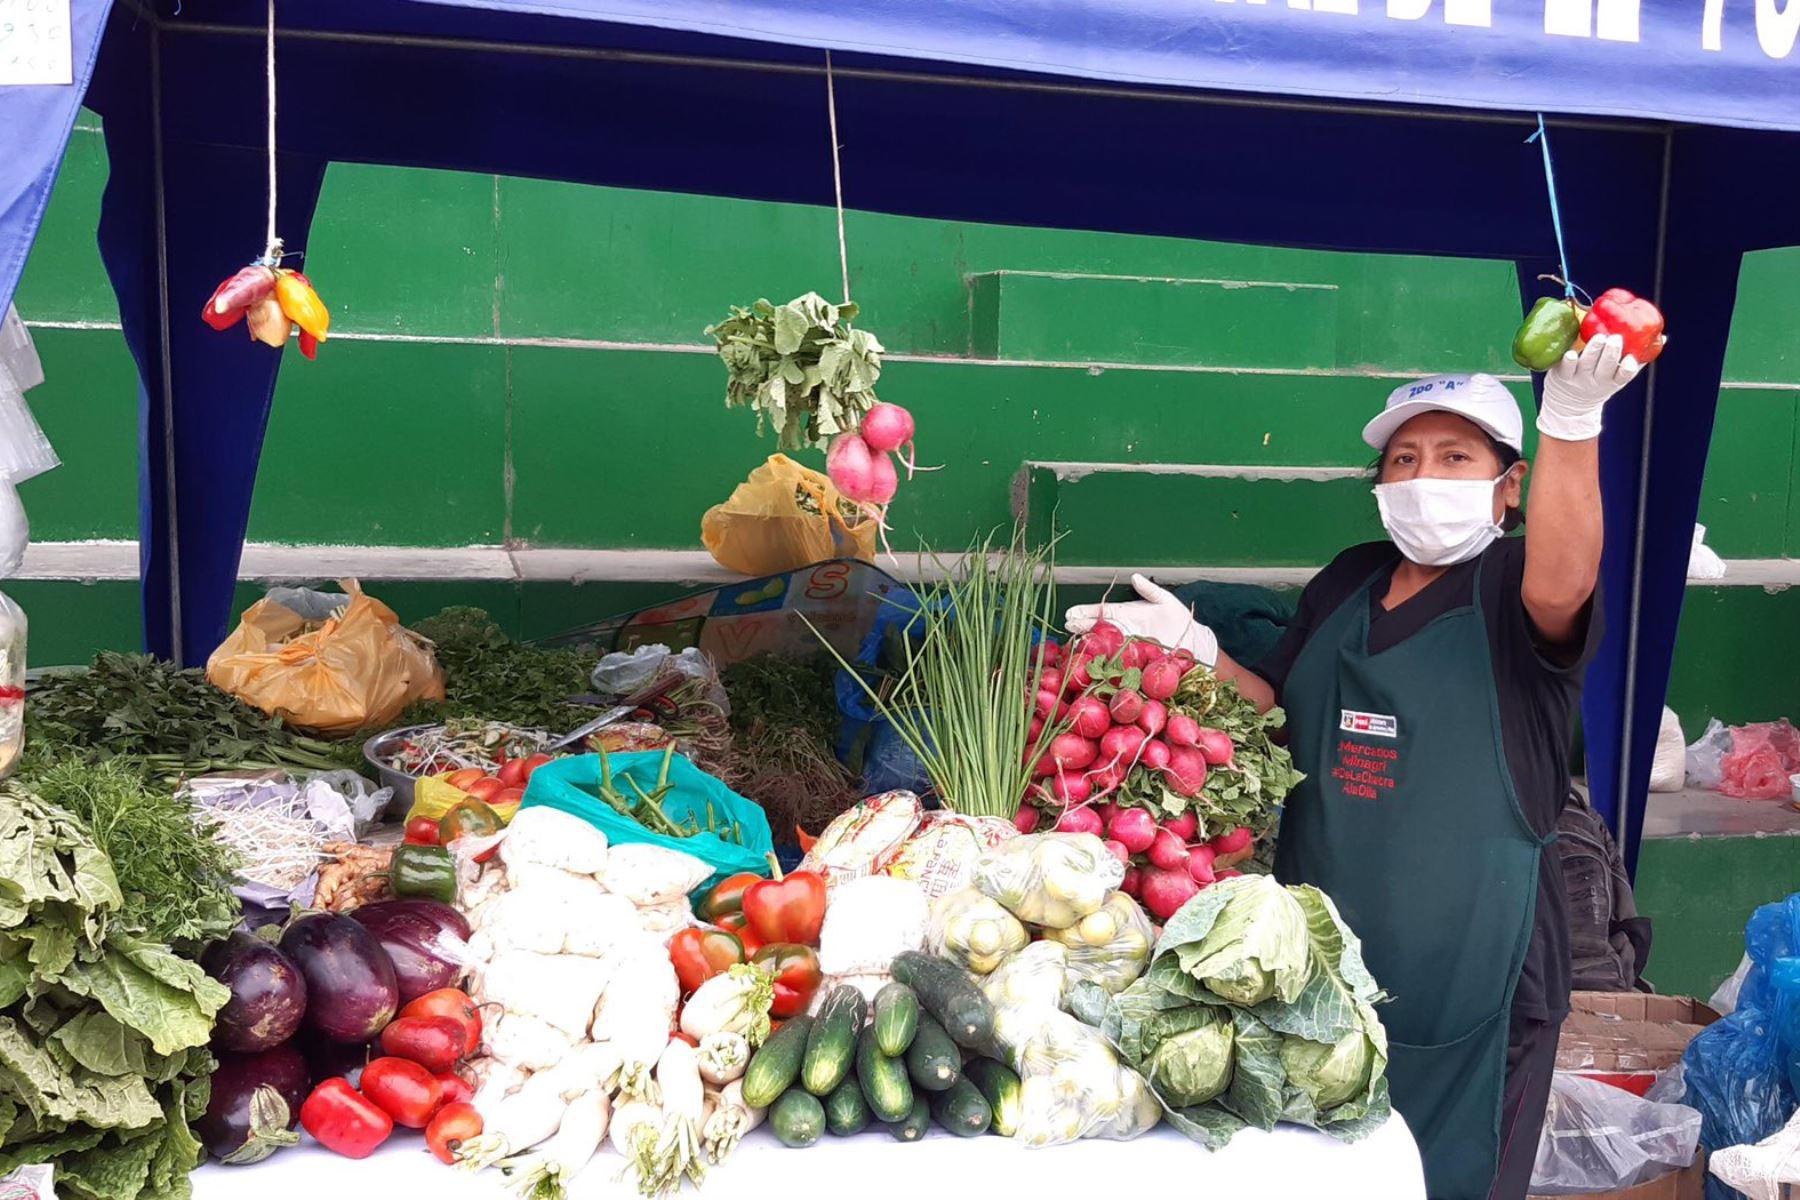 """Más de 30 productores agropecuarios venden productos de primera necesidad a través del programa """" De la Chacra a la Olla """" del ministerio de Agricultura en el distrito de El Porvenir- La Libertad. Foto:Minagri"""